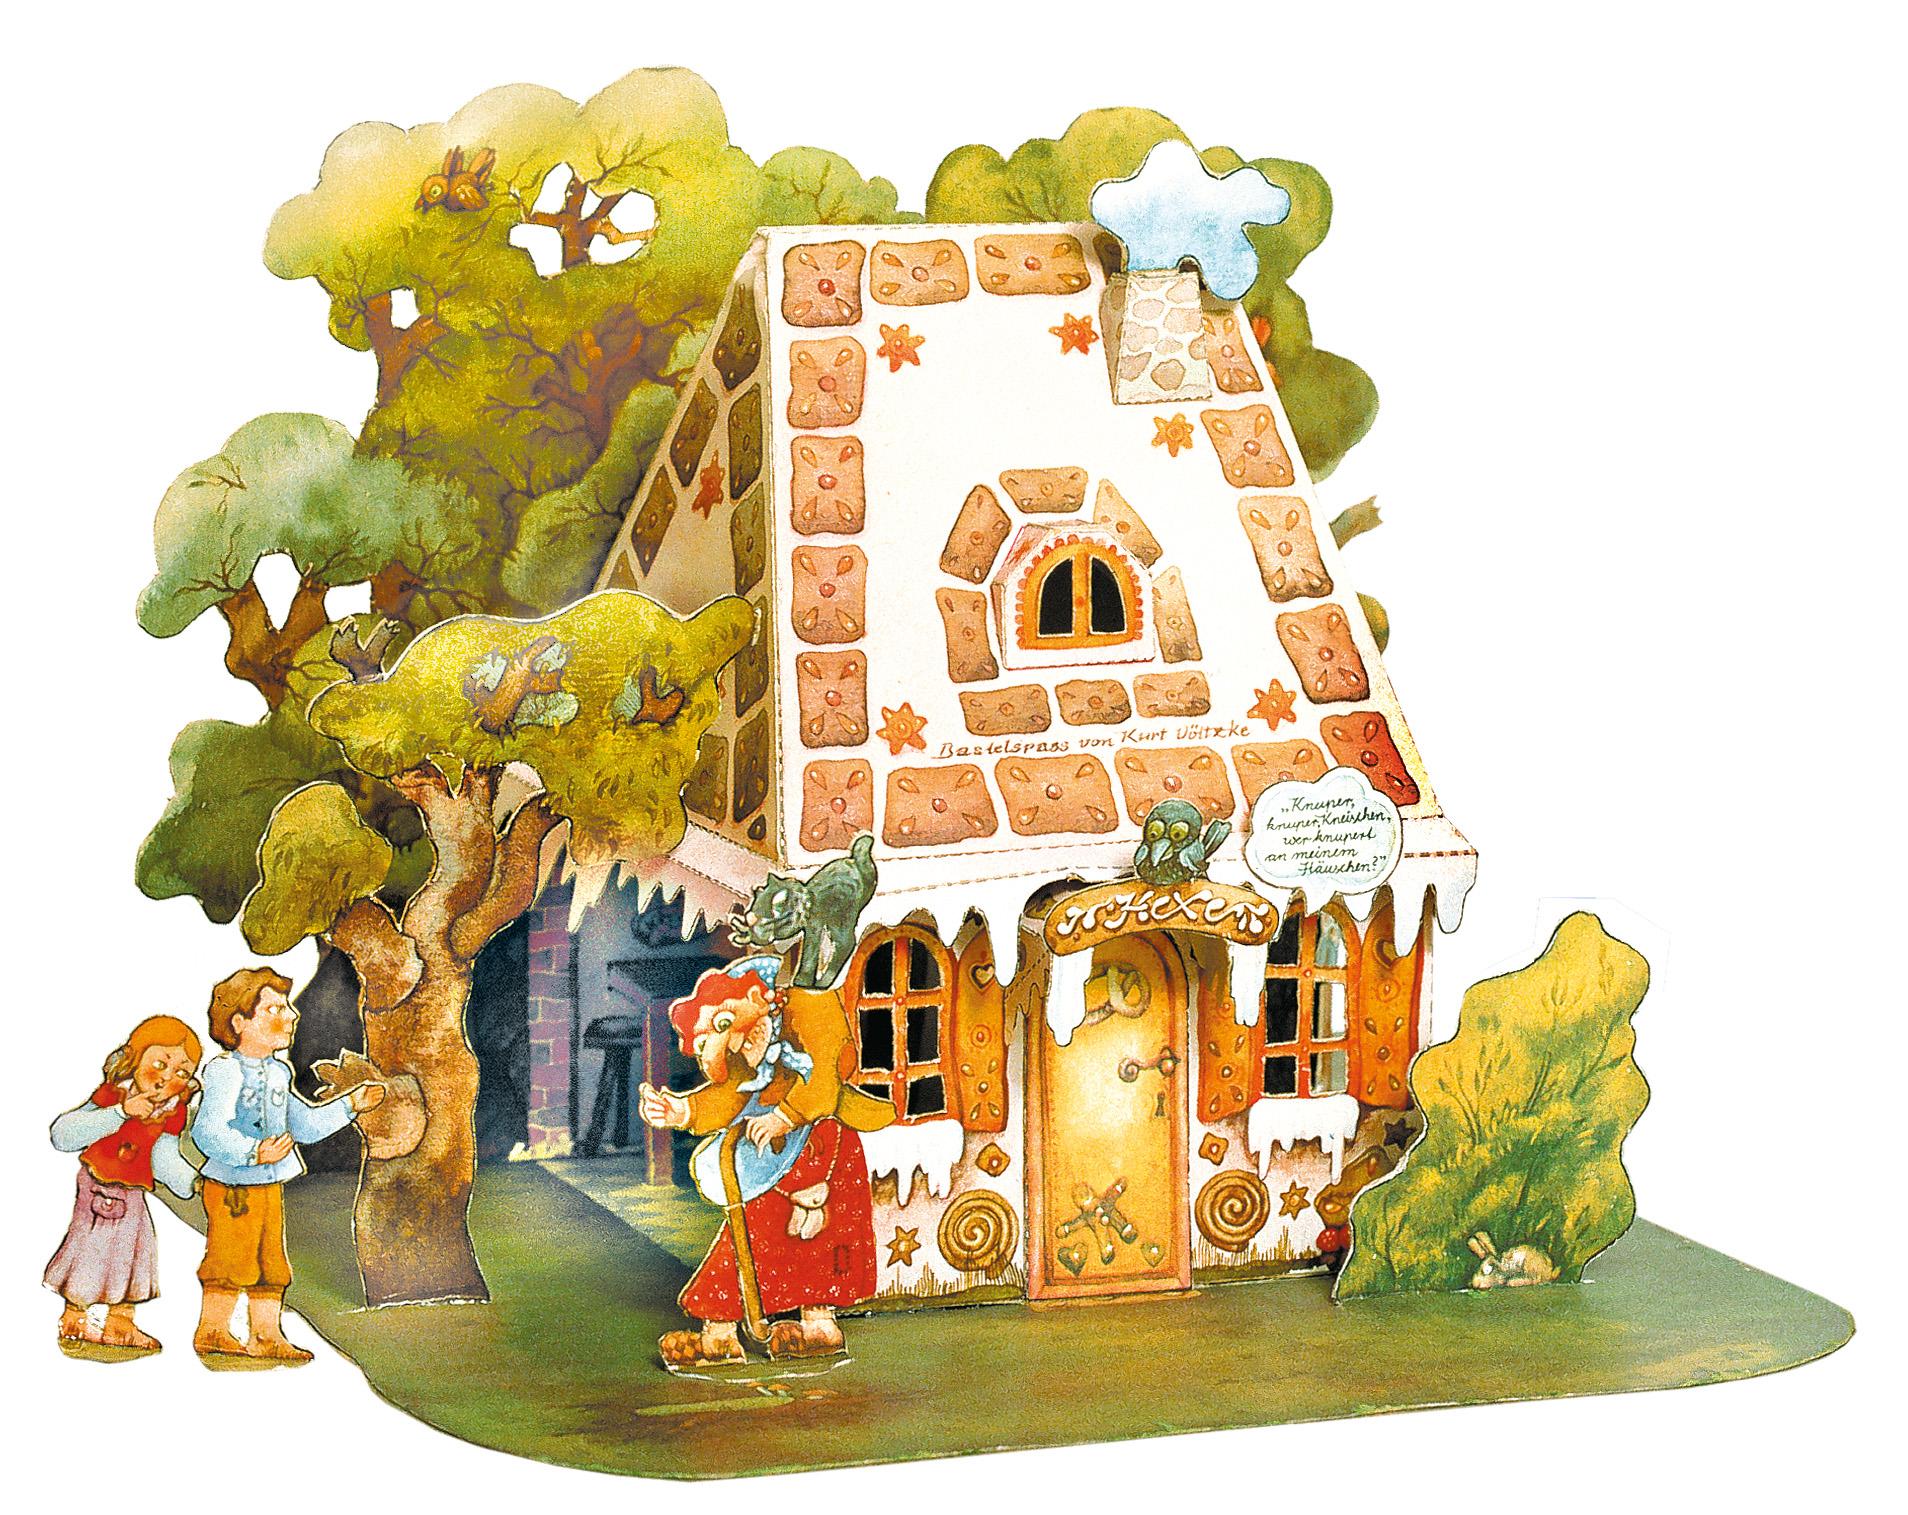 Hänsel und Gretel Bastelbogen AusschneidebogenLebkuchenhaus Weihnachten Märchem Grimm Hexenhaus